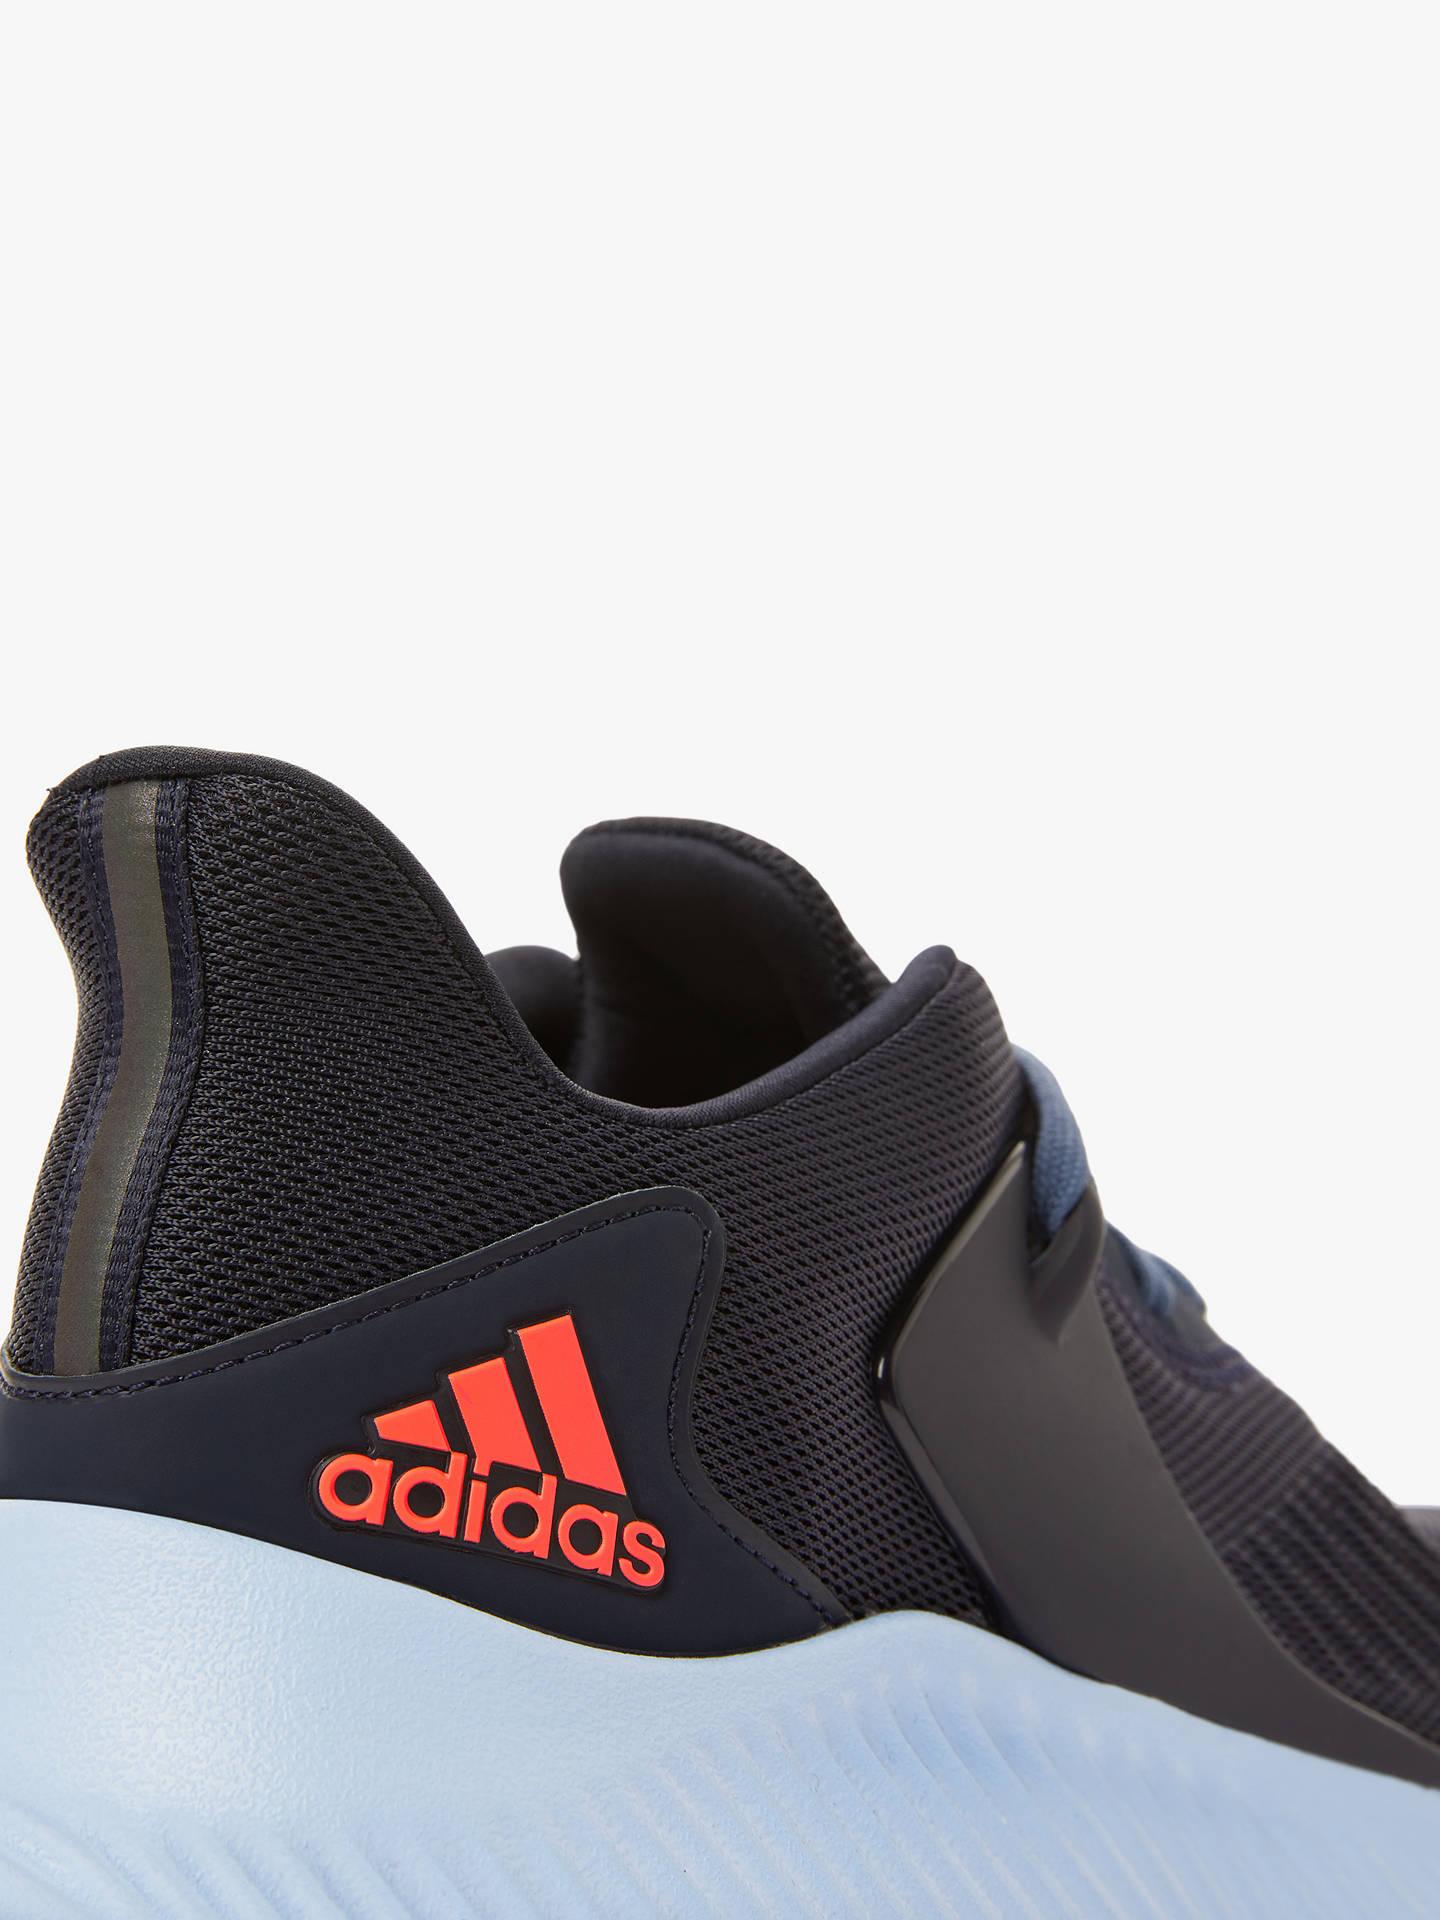 adidas alphabounce rc 2.0